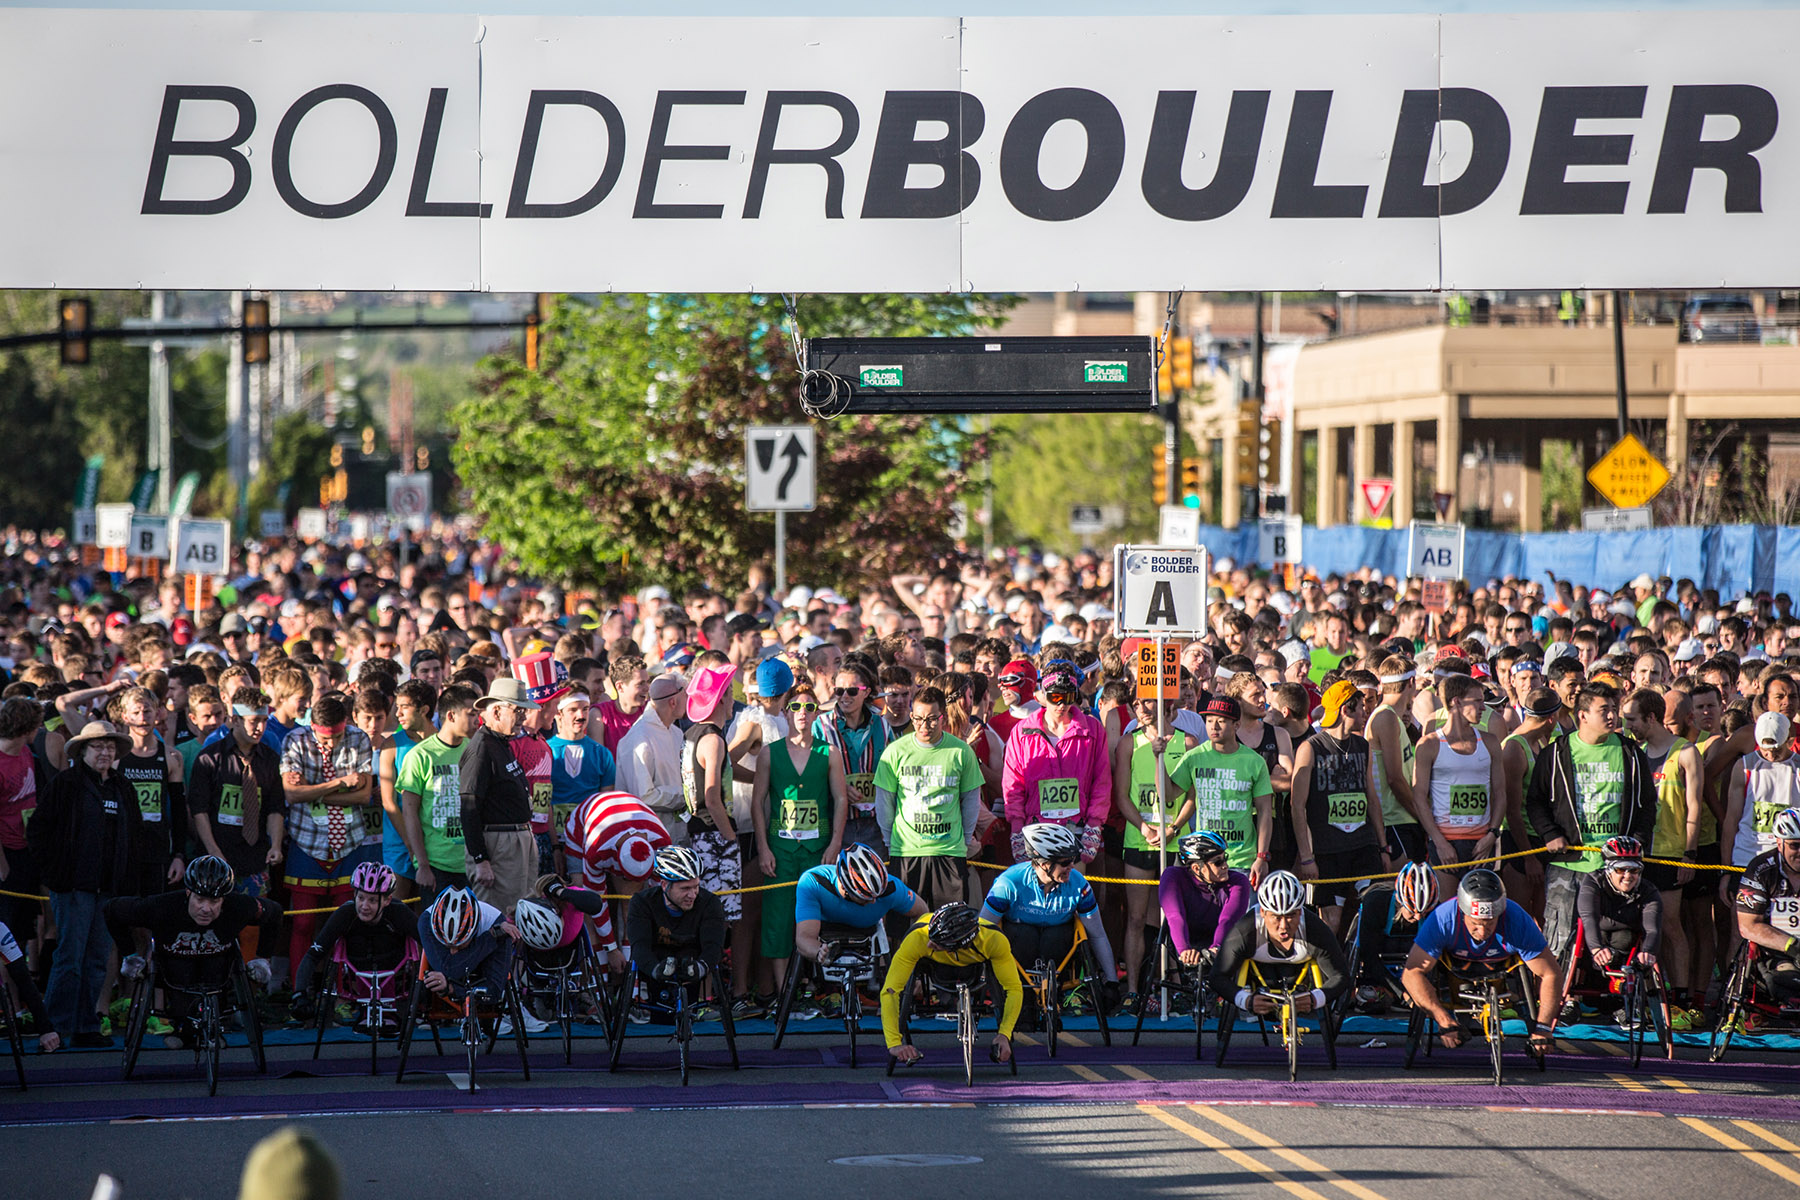 BolderBoulder_2015_GlenDelmanPhotography-81